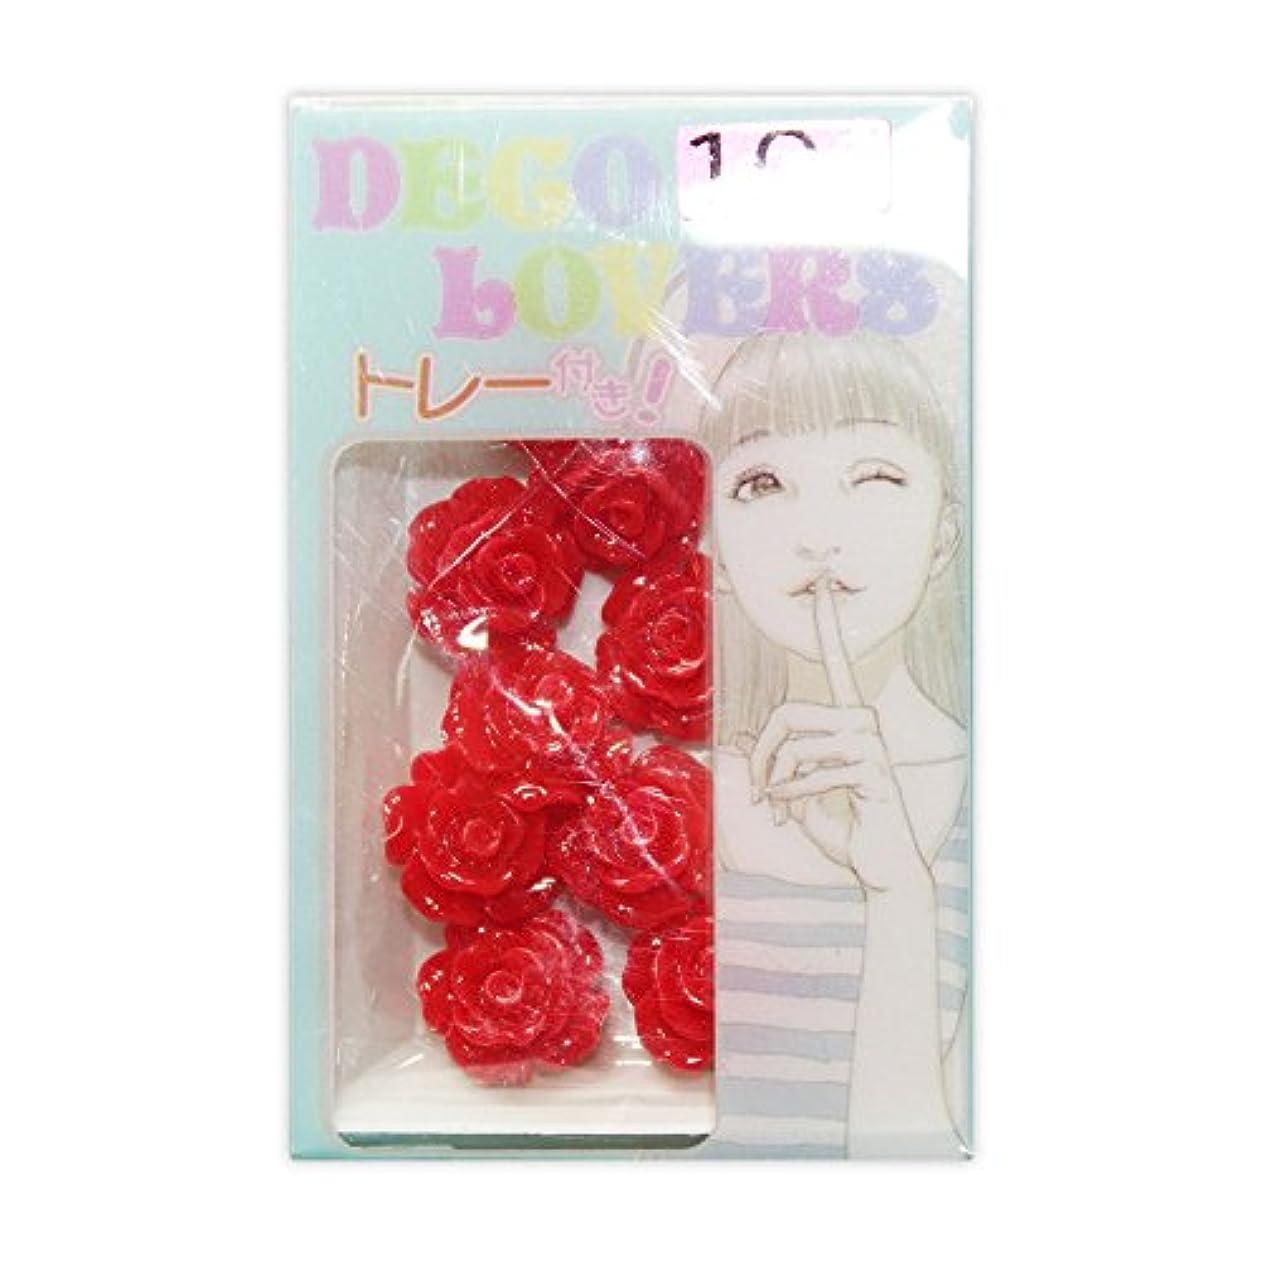 甘くするジャズクレデンシャルラインストーン DL017/flower rosem red